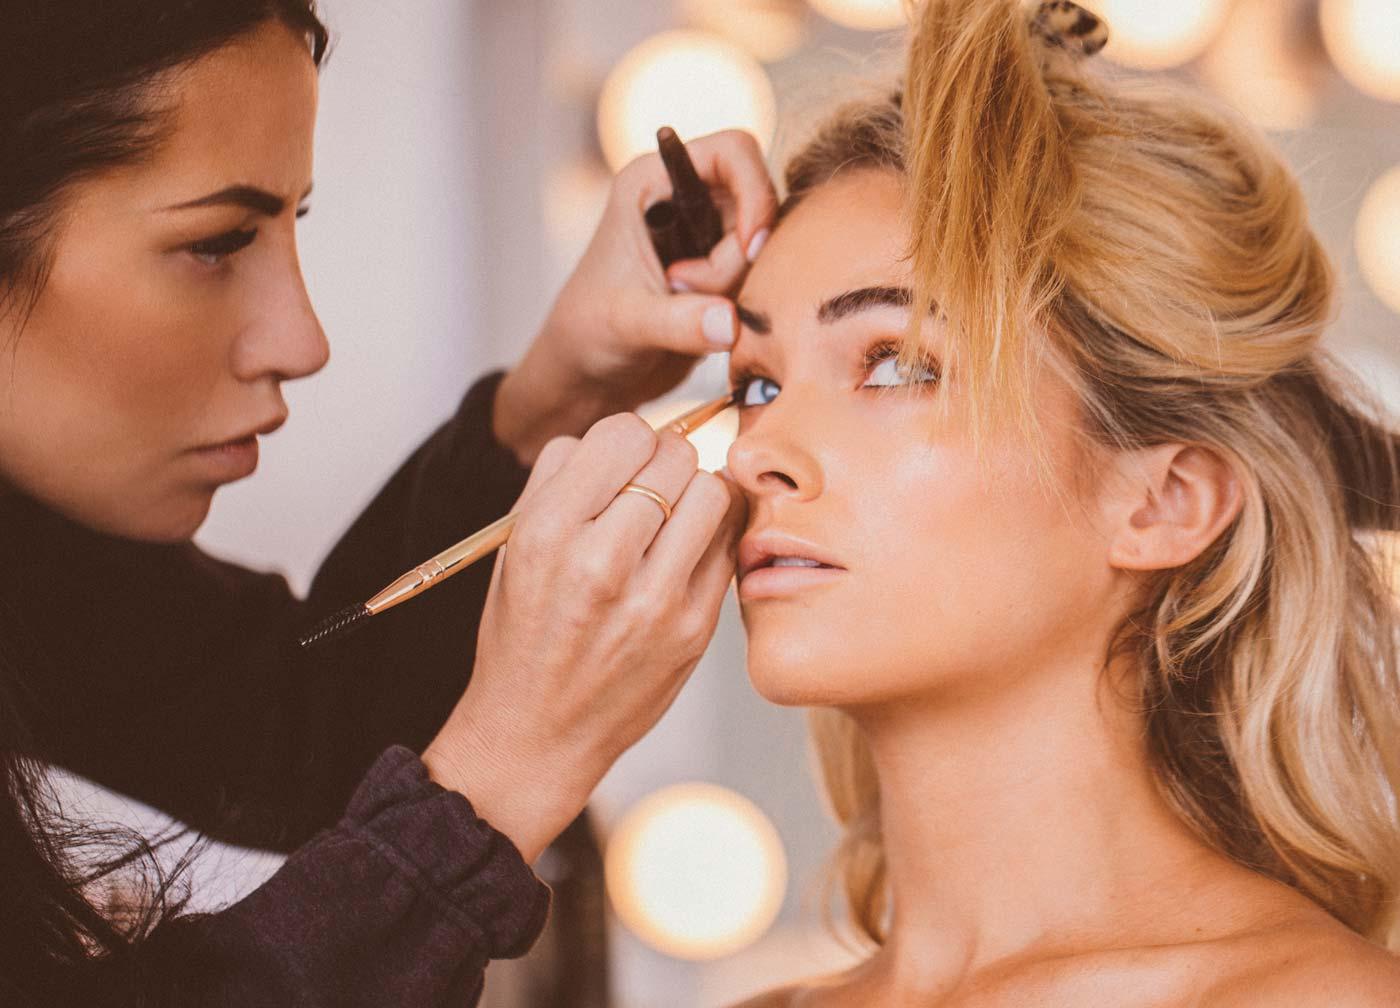 Cara applying Maskcara makeup on a model